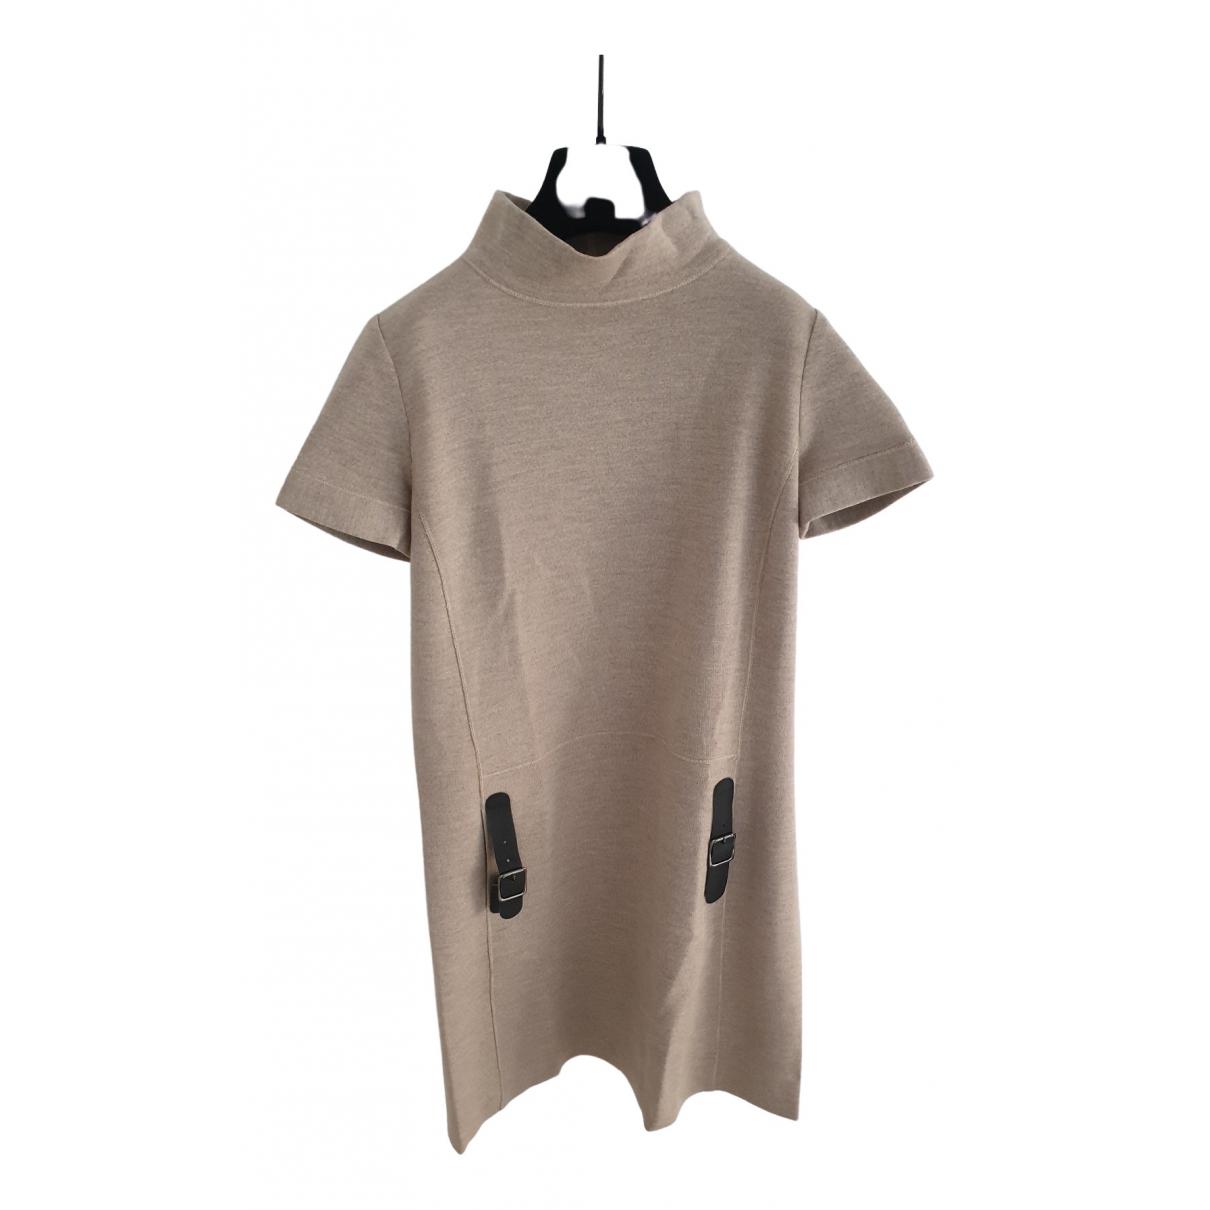 Blumarine \N Kleid in  Beige Wolle